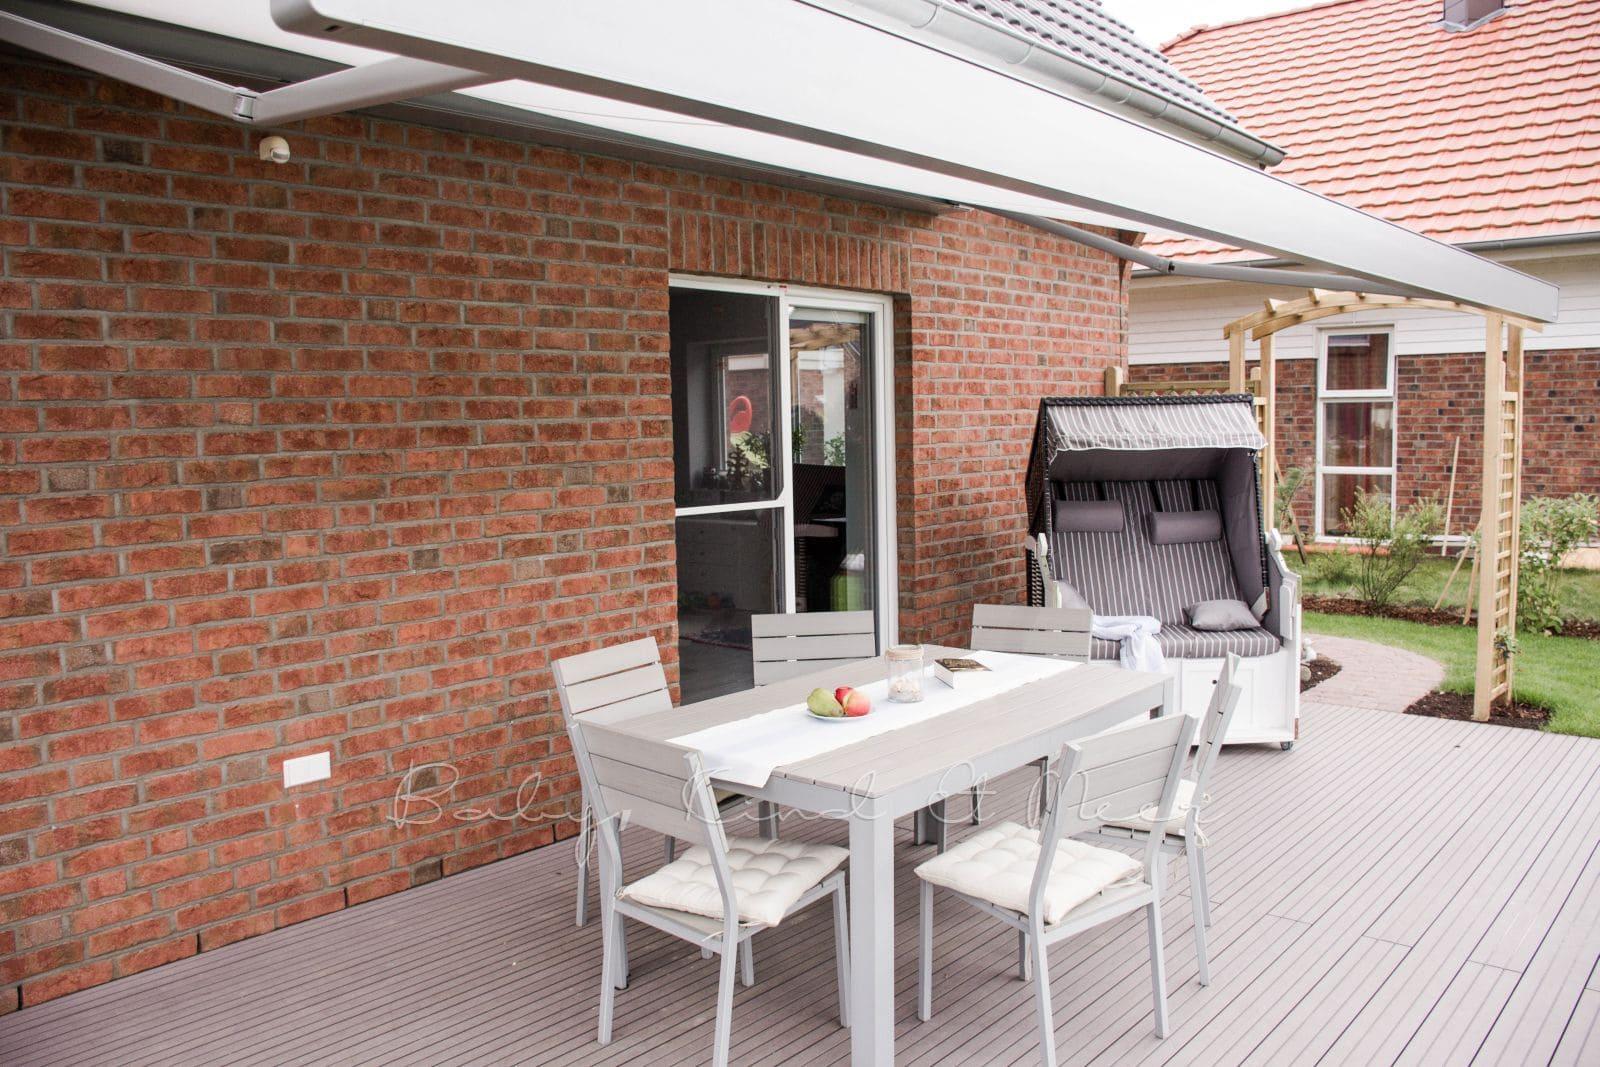 markise reinigen lassen kosten latest with markise reinigen lassen kosten stunning markise. Black Bedroom Furniture Sets. Home Design Ideas